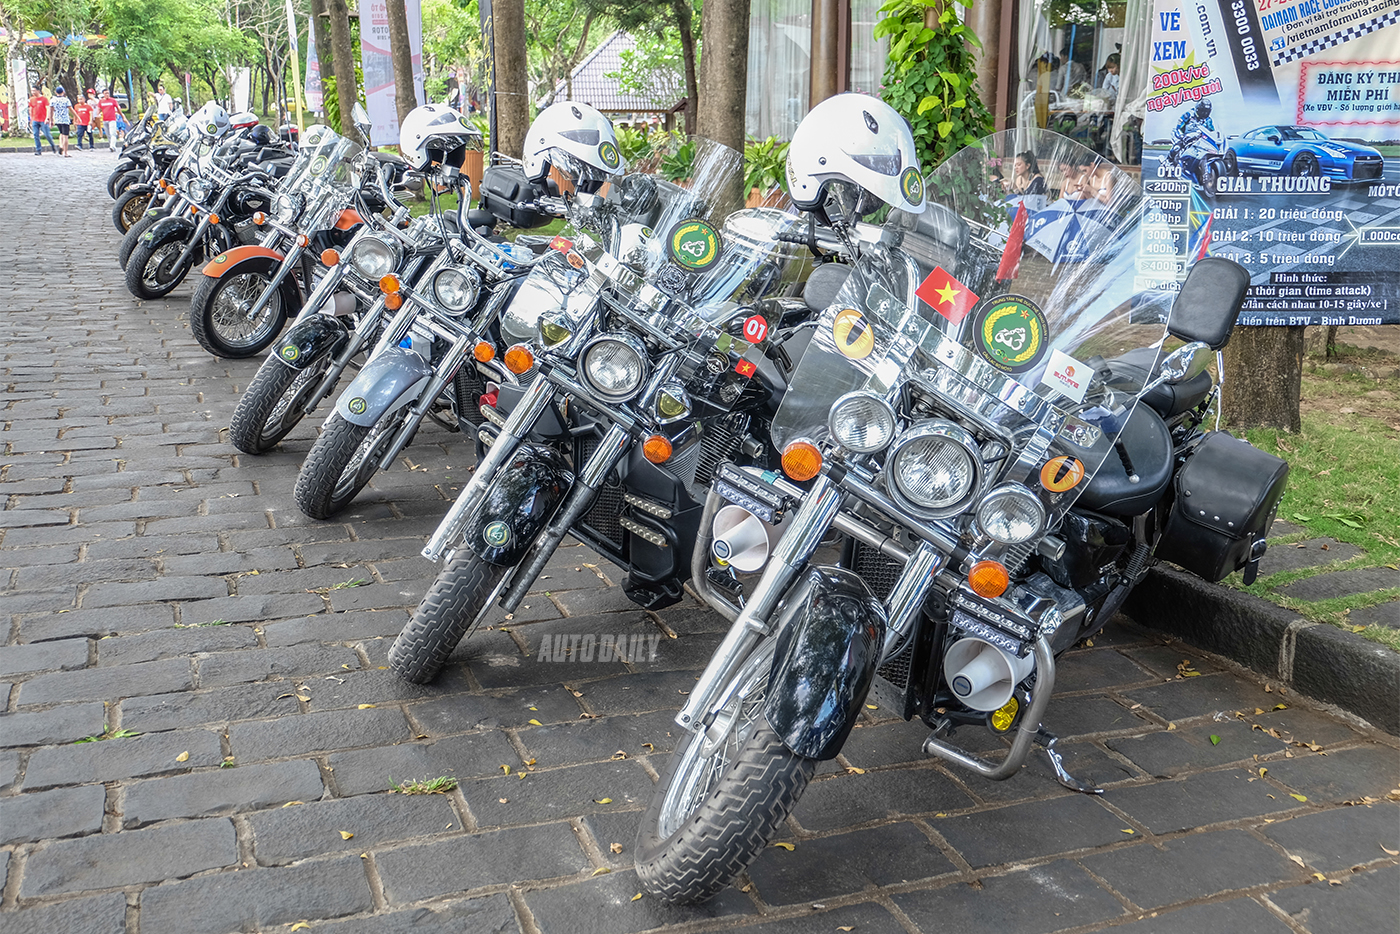 vietnam-motor-festival-2018-26.jpg